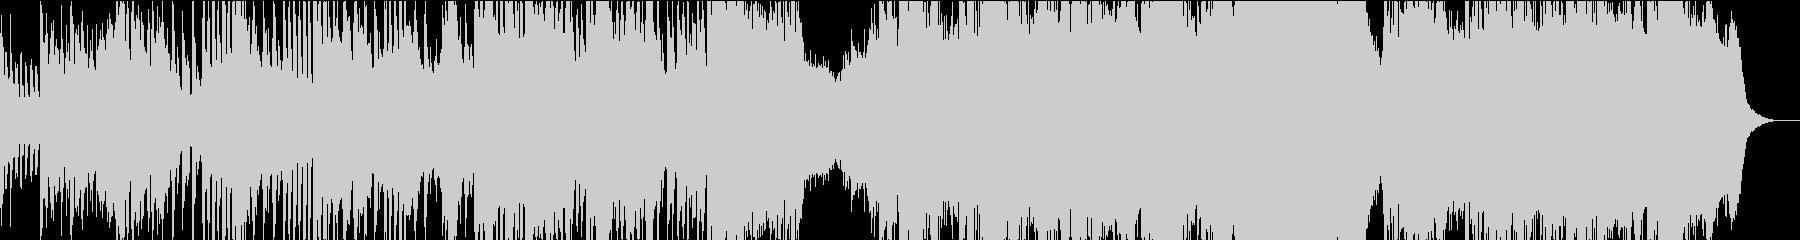 大迫力シンフォニックメタルBGM/劇的の未再生の波形